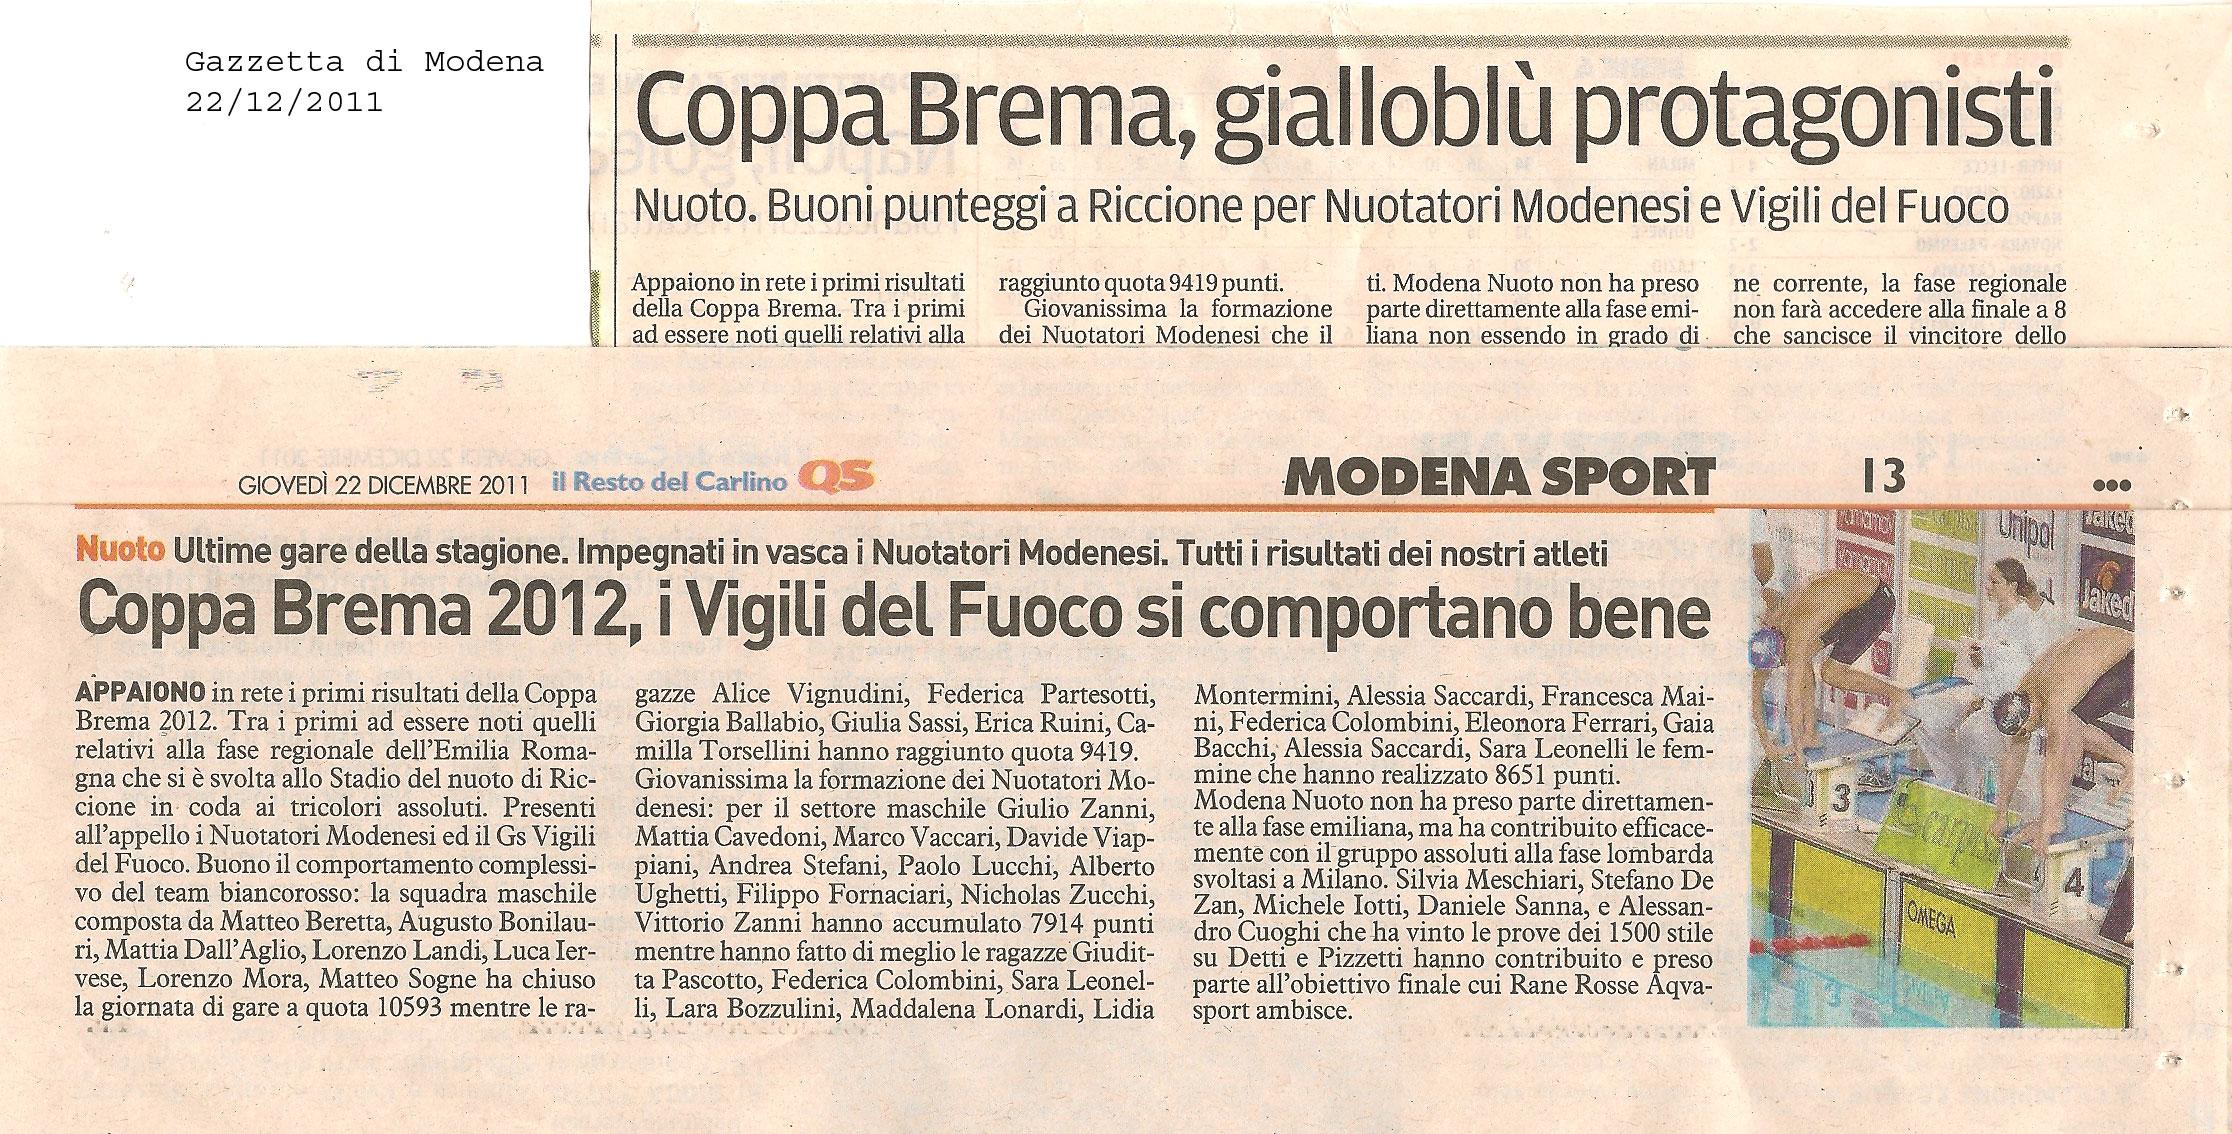 17  dicembre  2011  VAPORI DI CLORO